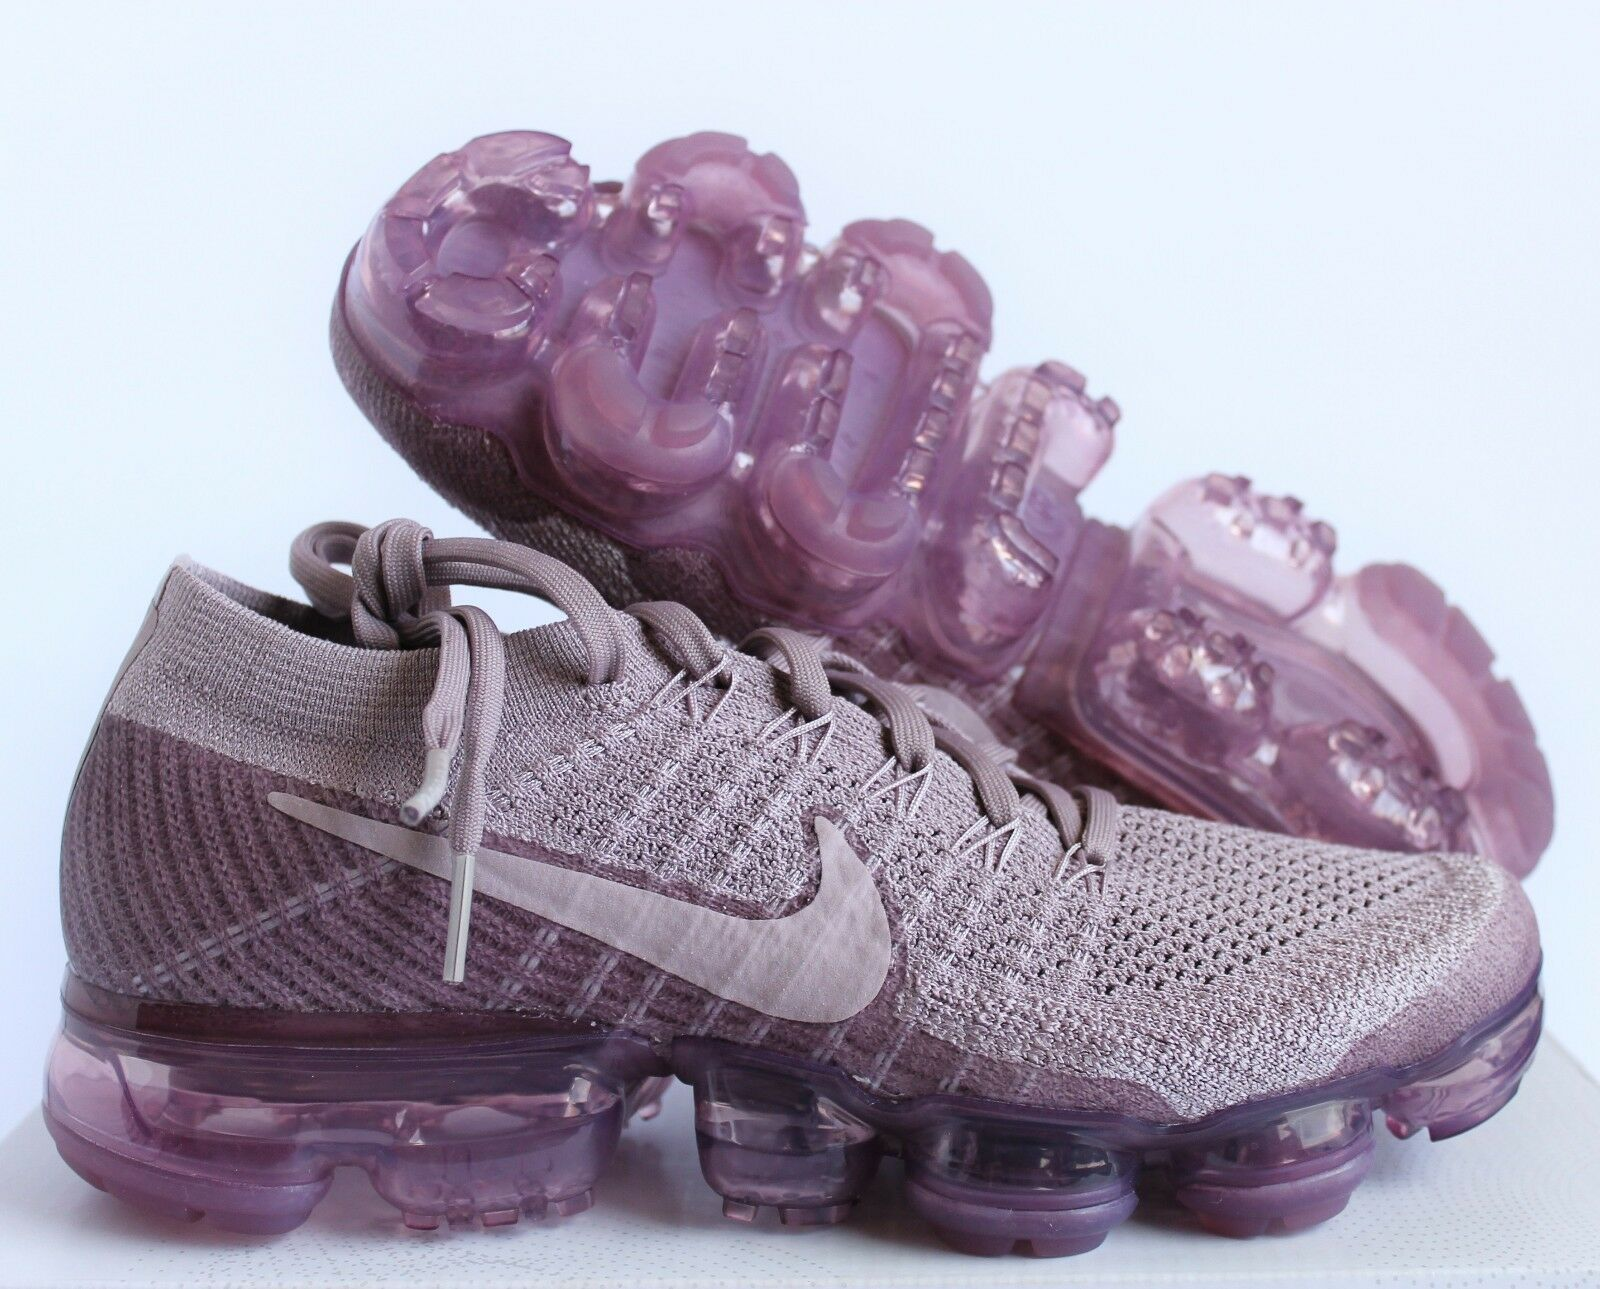 Nike Air Vapormax Flyknit Flyknit Flyknit Ciruela Niebla rosado Mujer Talla 12    Hombre Talla 10.5 (849557-502)  Las ventas en línea ahorran un 70%.